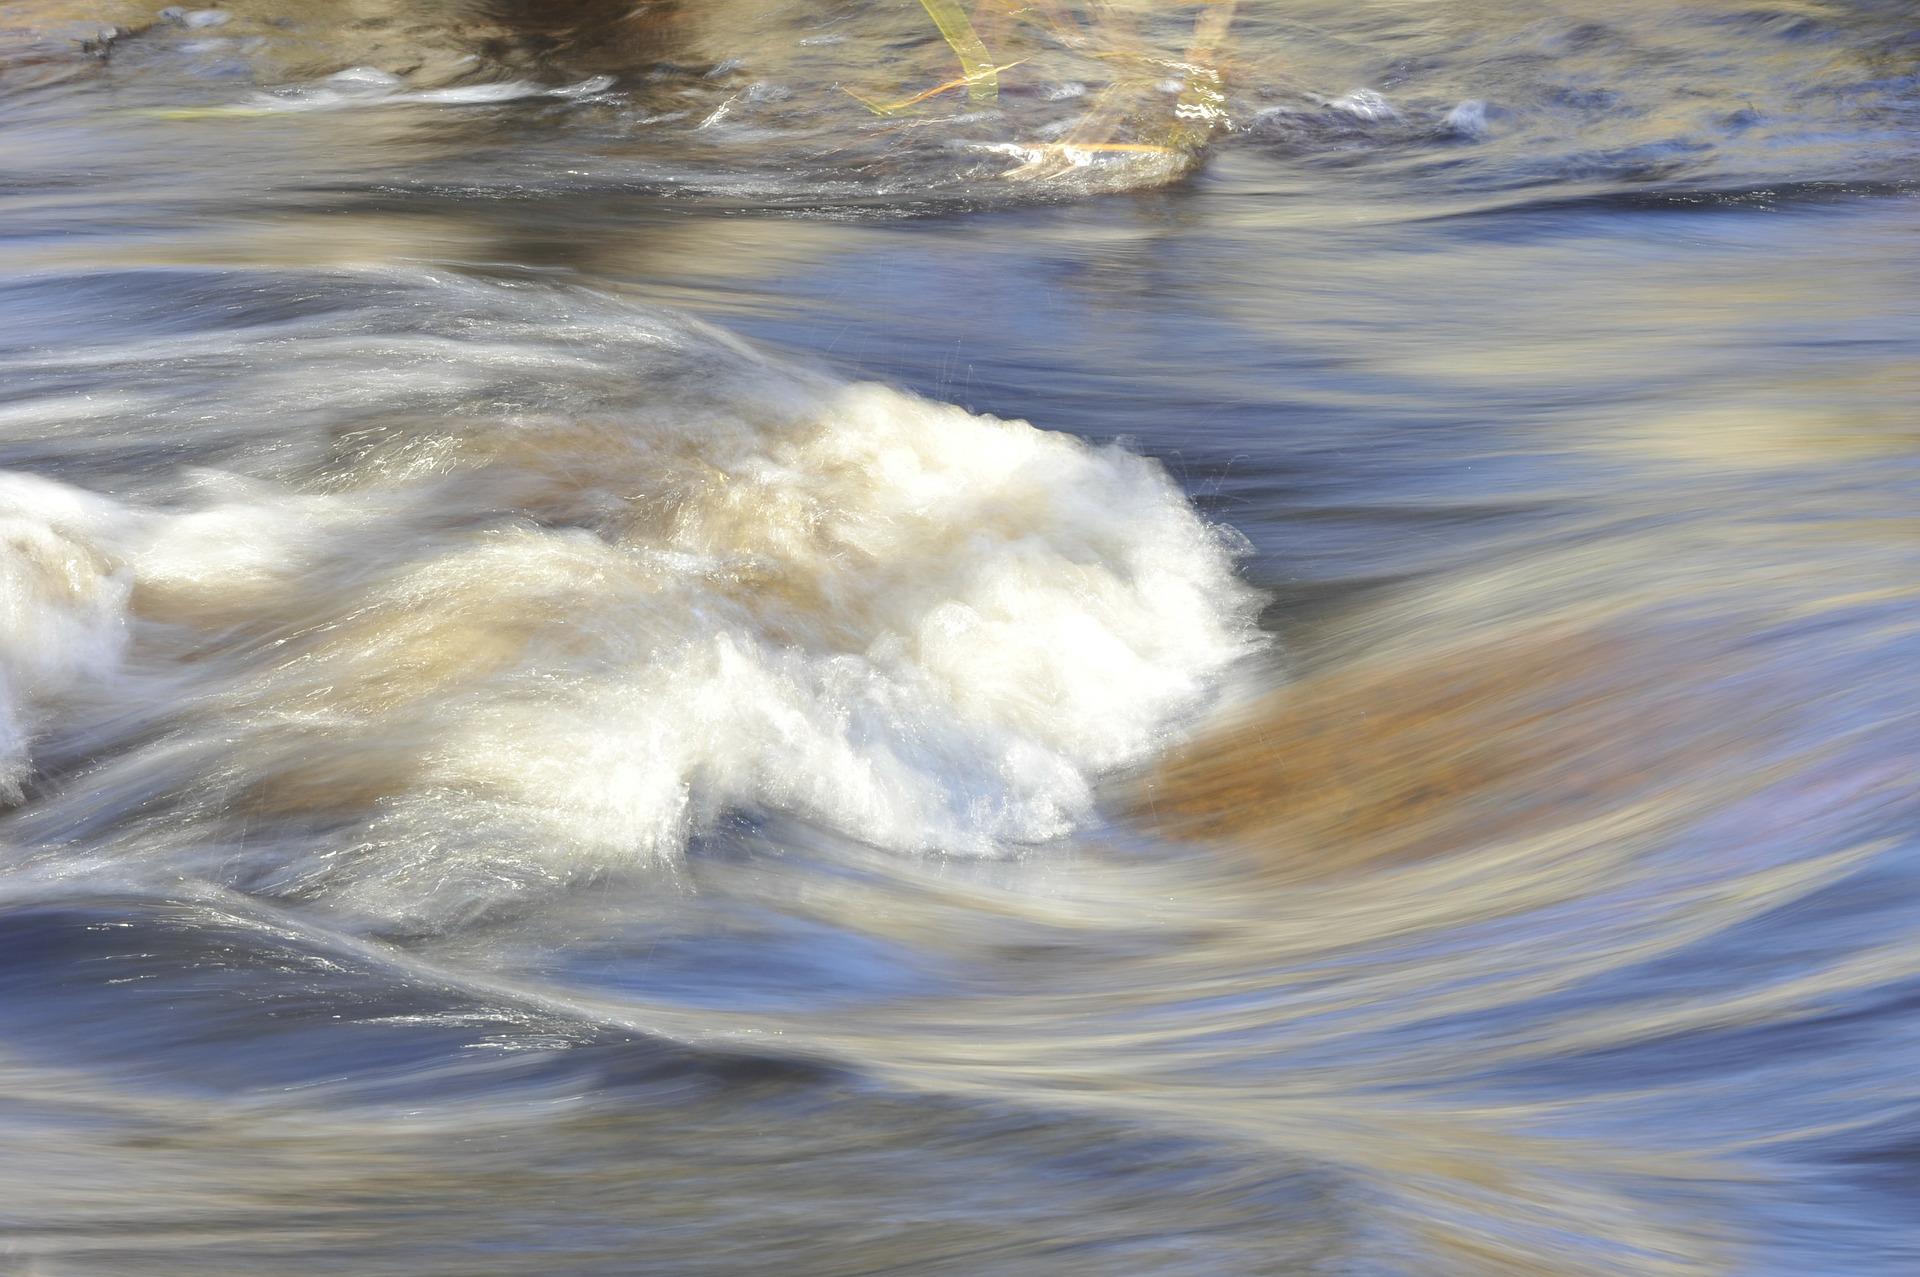 acqua corrente.jpg